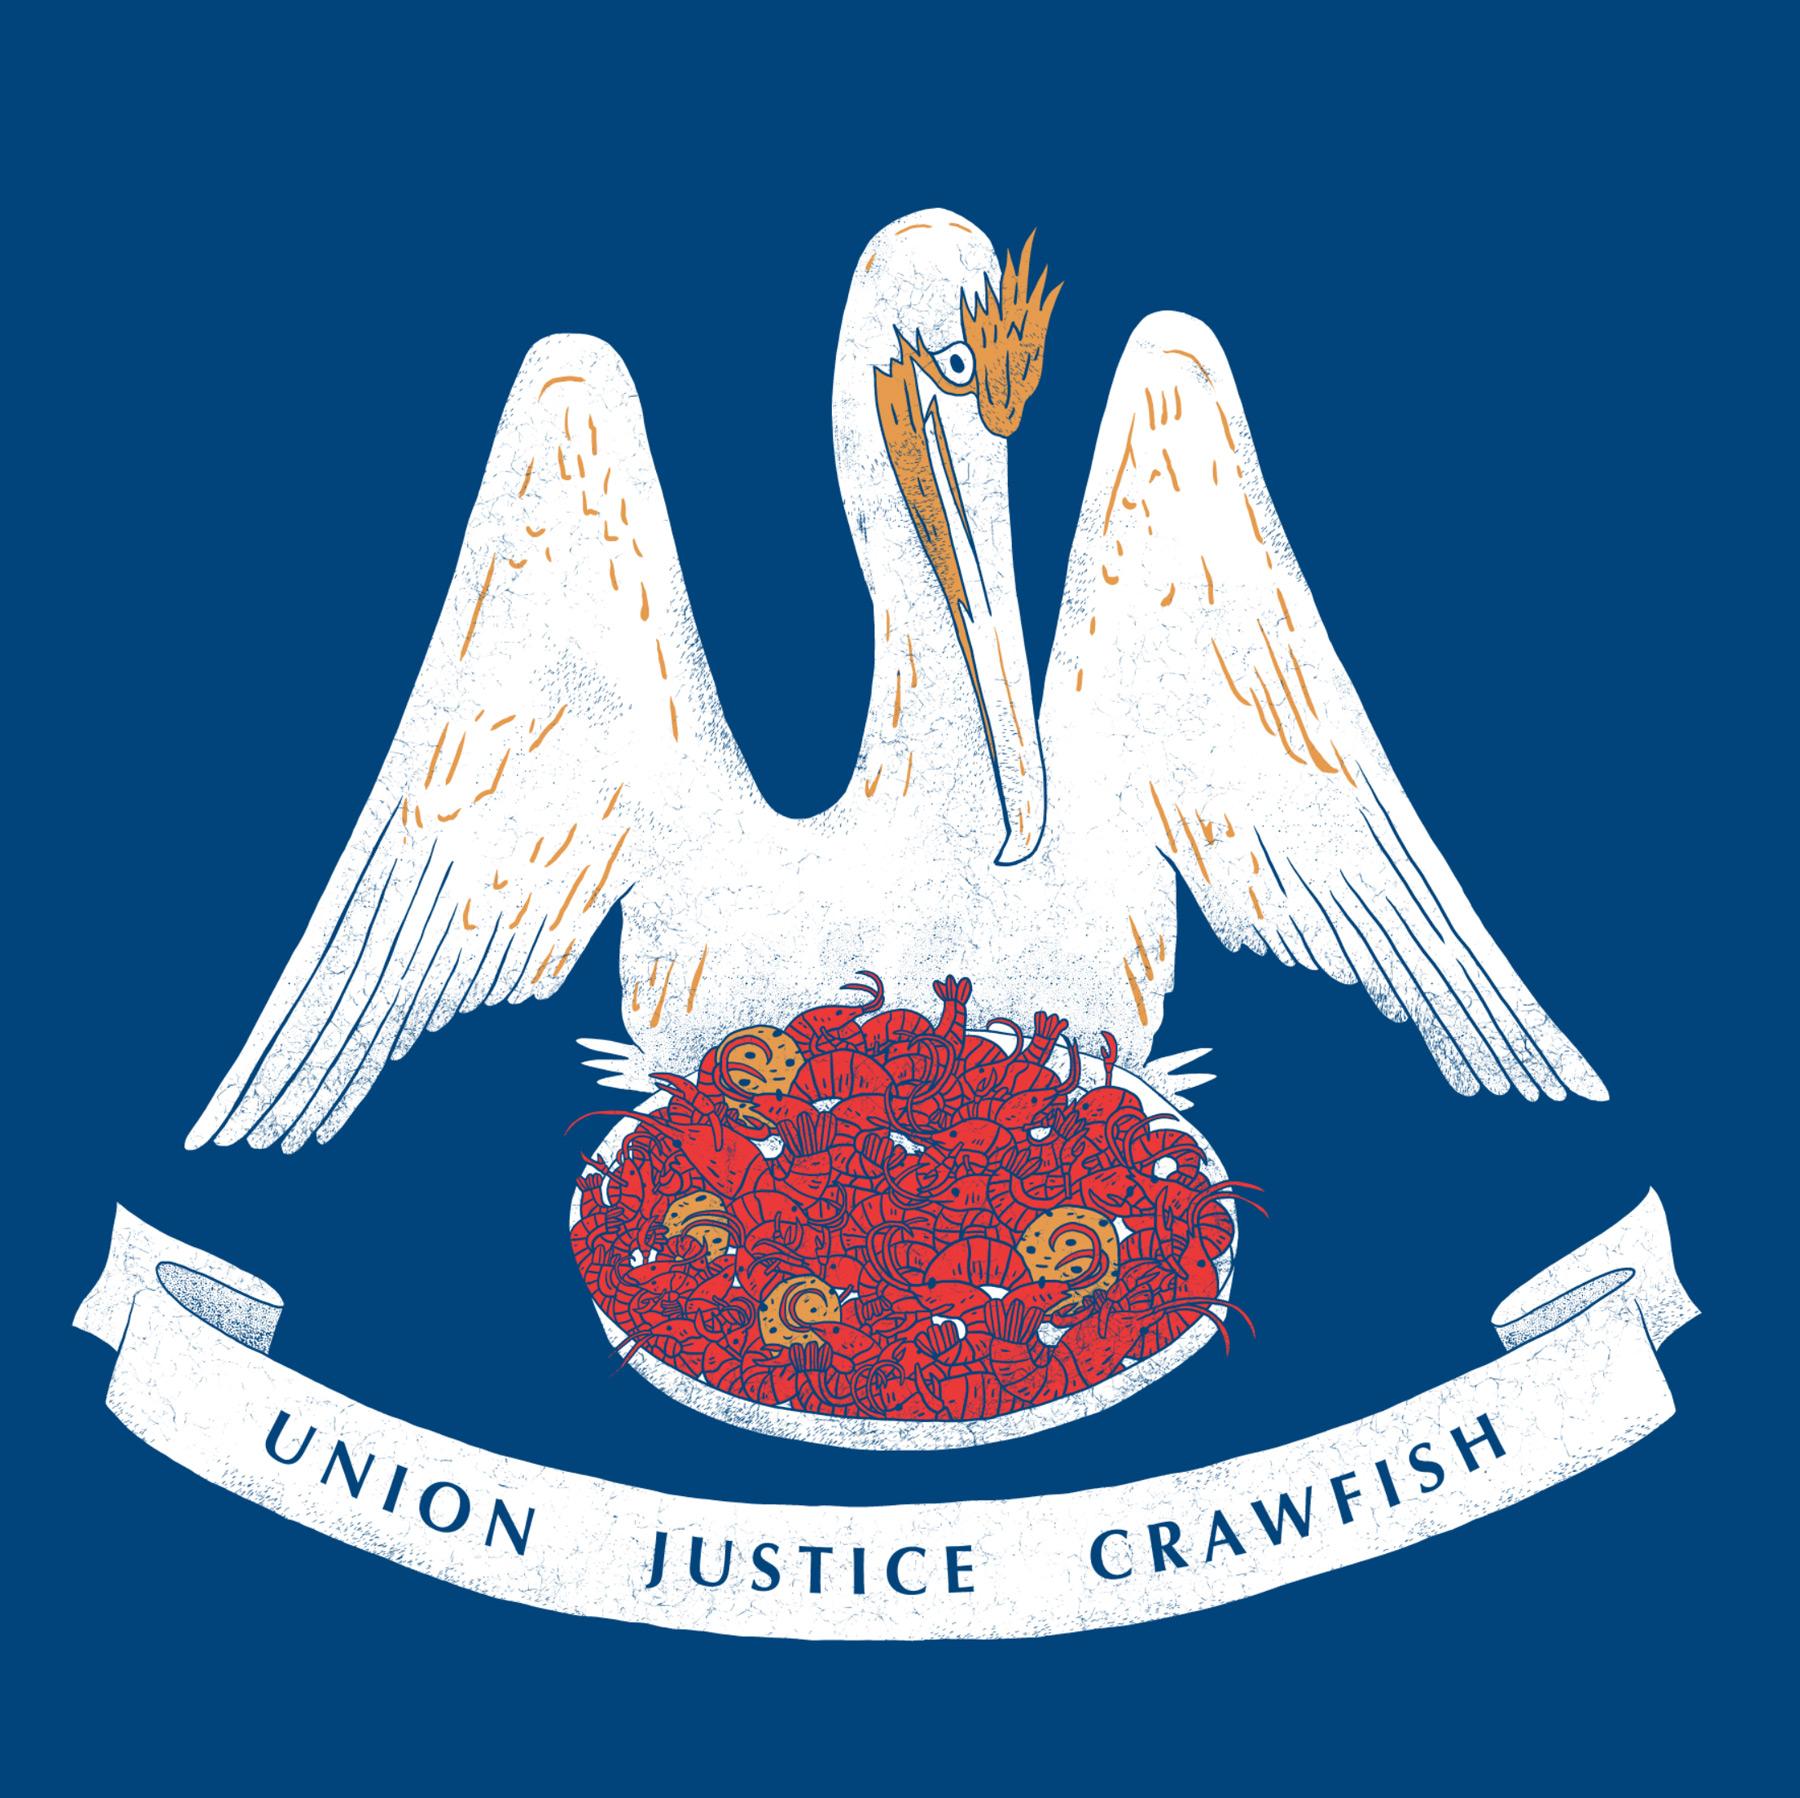 Union, Justice, Crawfish